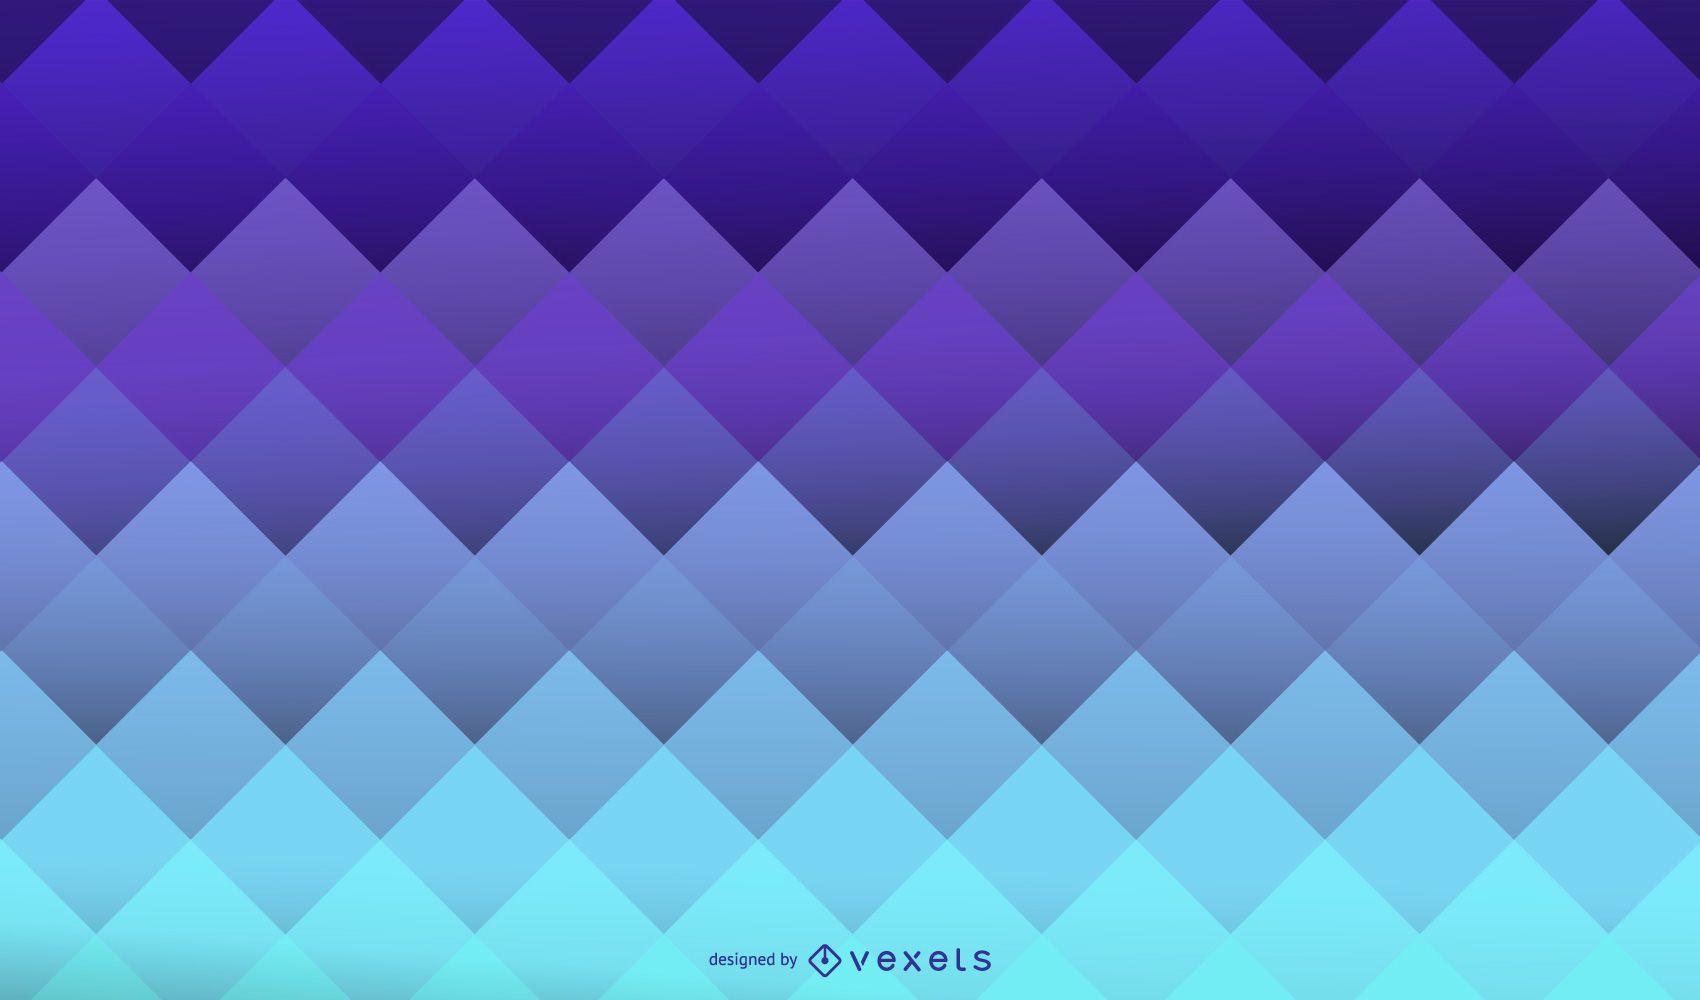 Fondo geométrico azul sqares